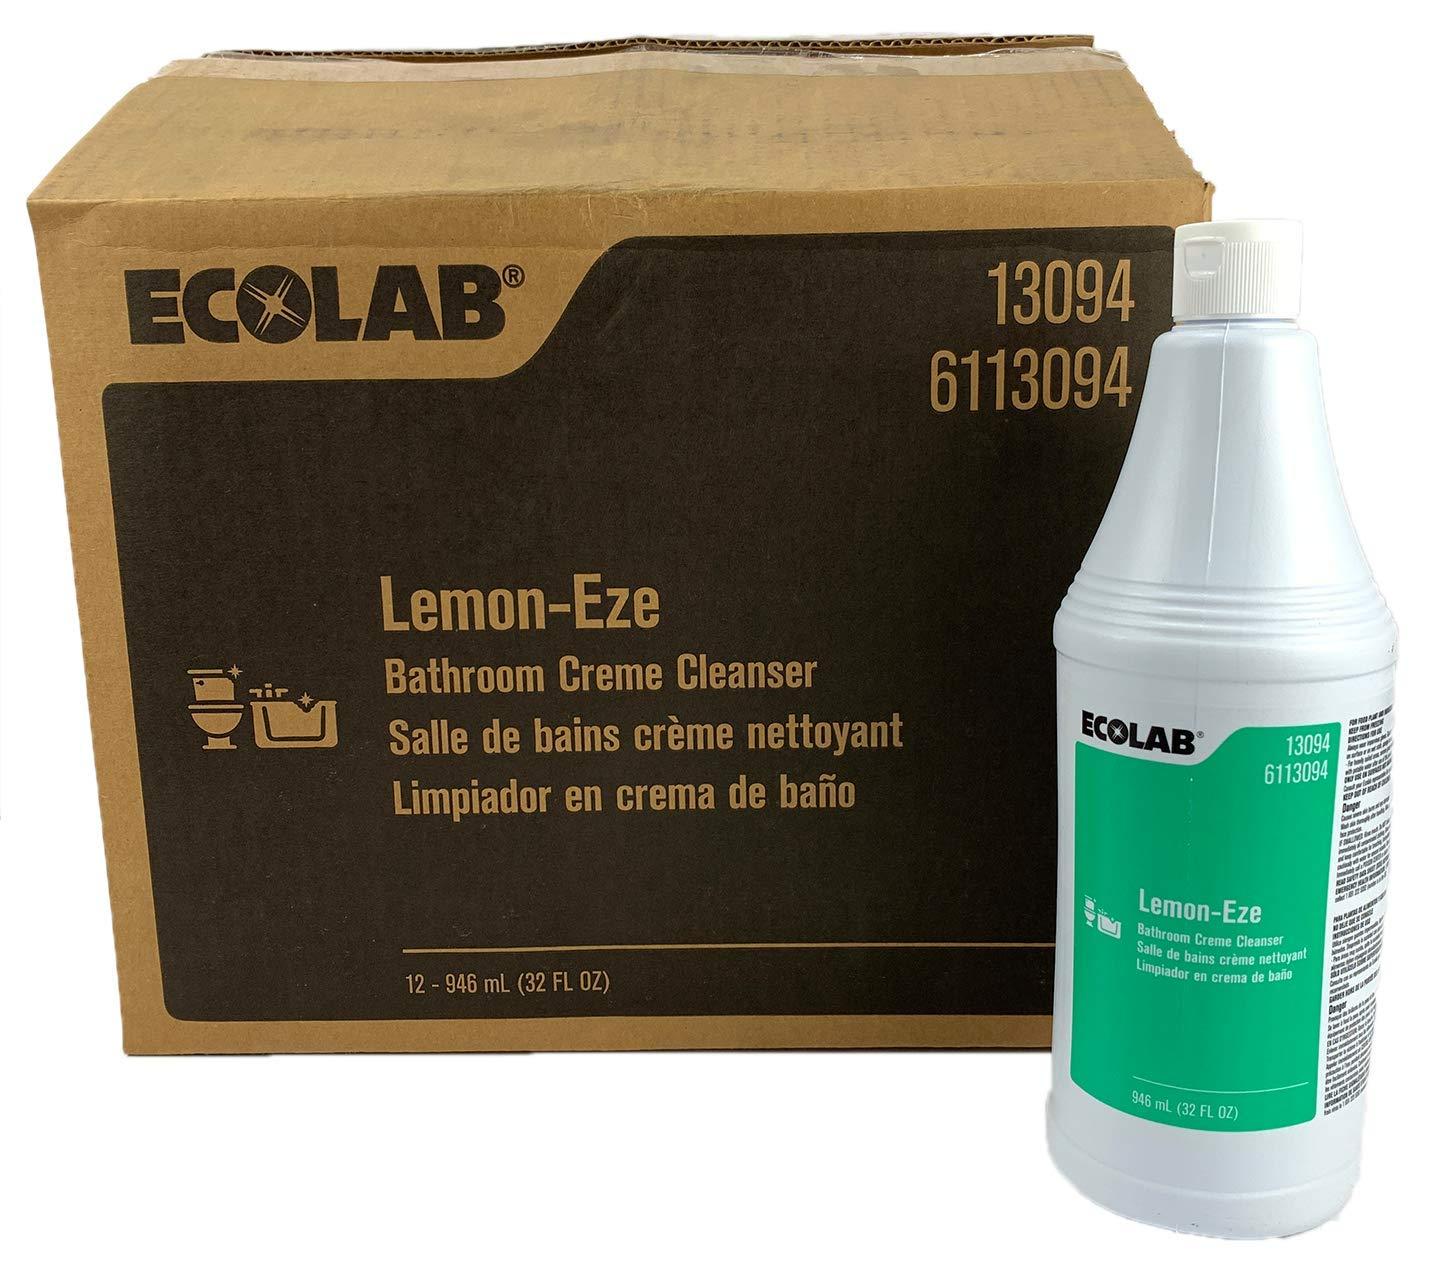 Ecolab 13094 LemonEze Cream Cleanser, Pro-Strength Lemon-Eze Blasts Grime, Grease & Scum (12/cs)